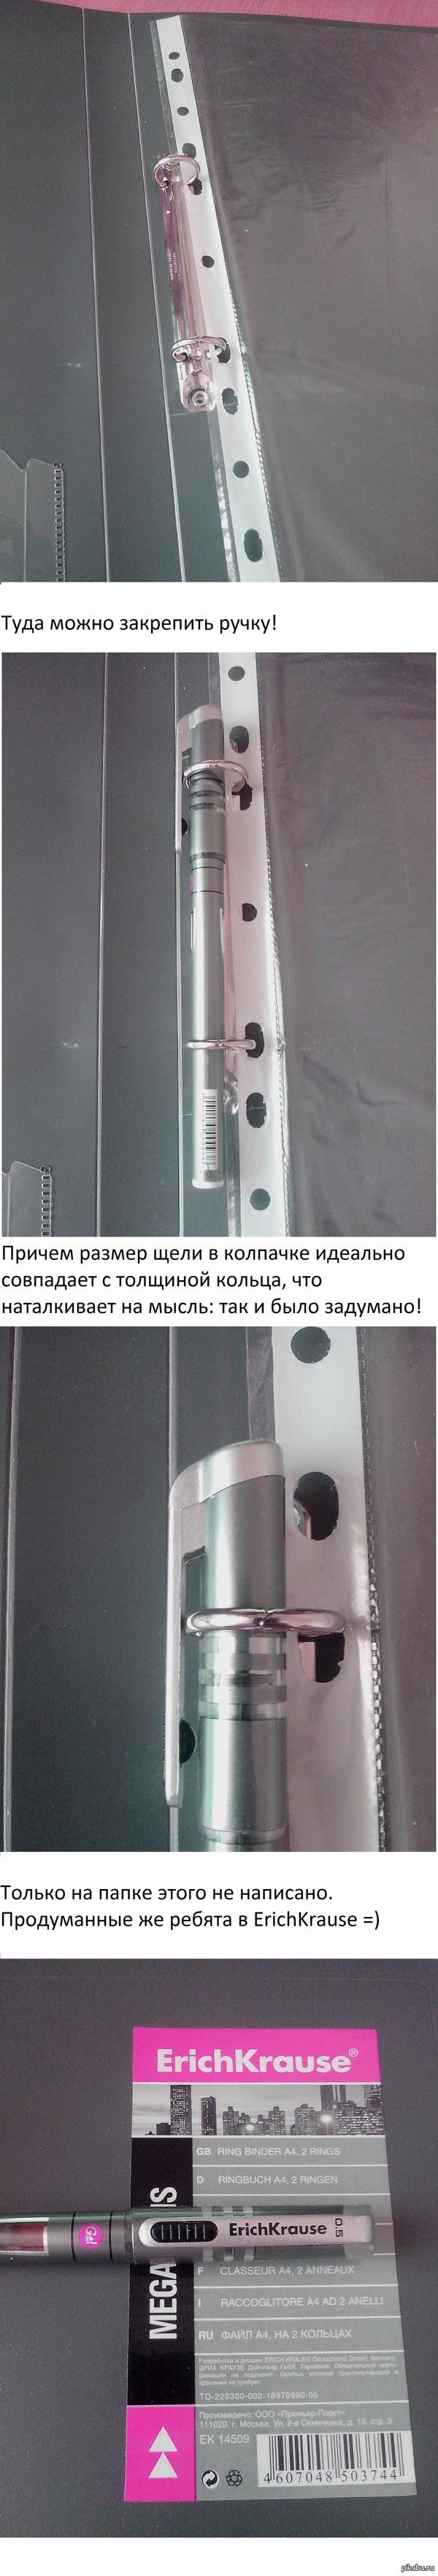 Интересное применение кольцам для крепления файлов в папках. Как же еще можно их использовать? =)